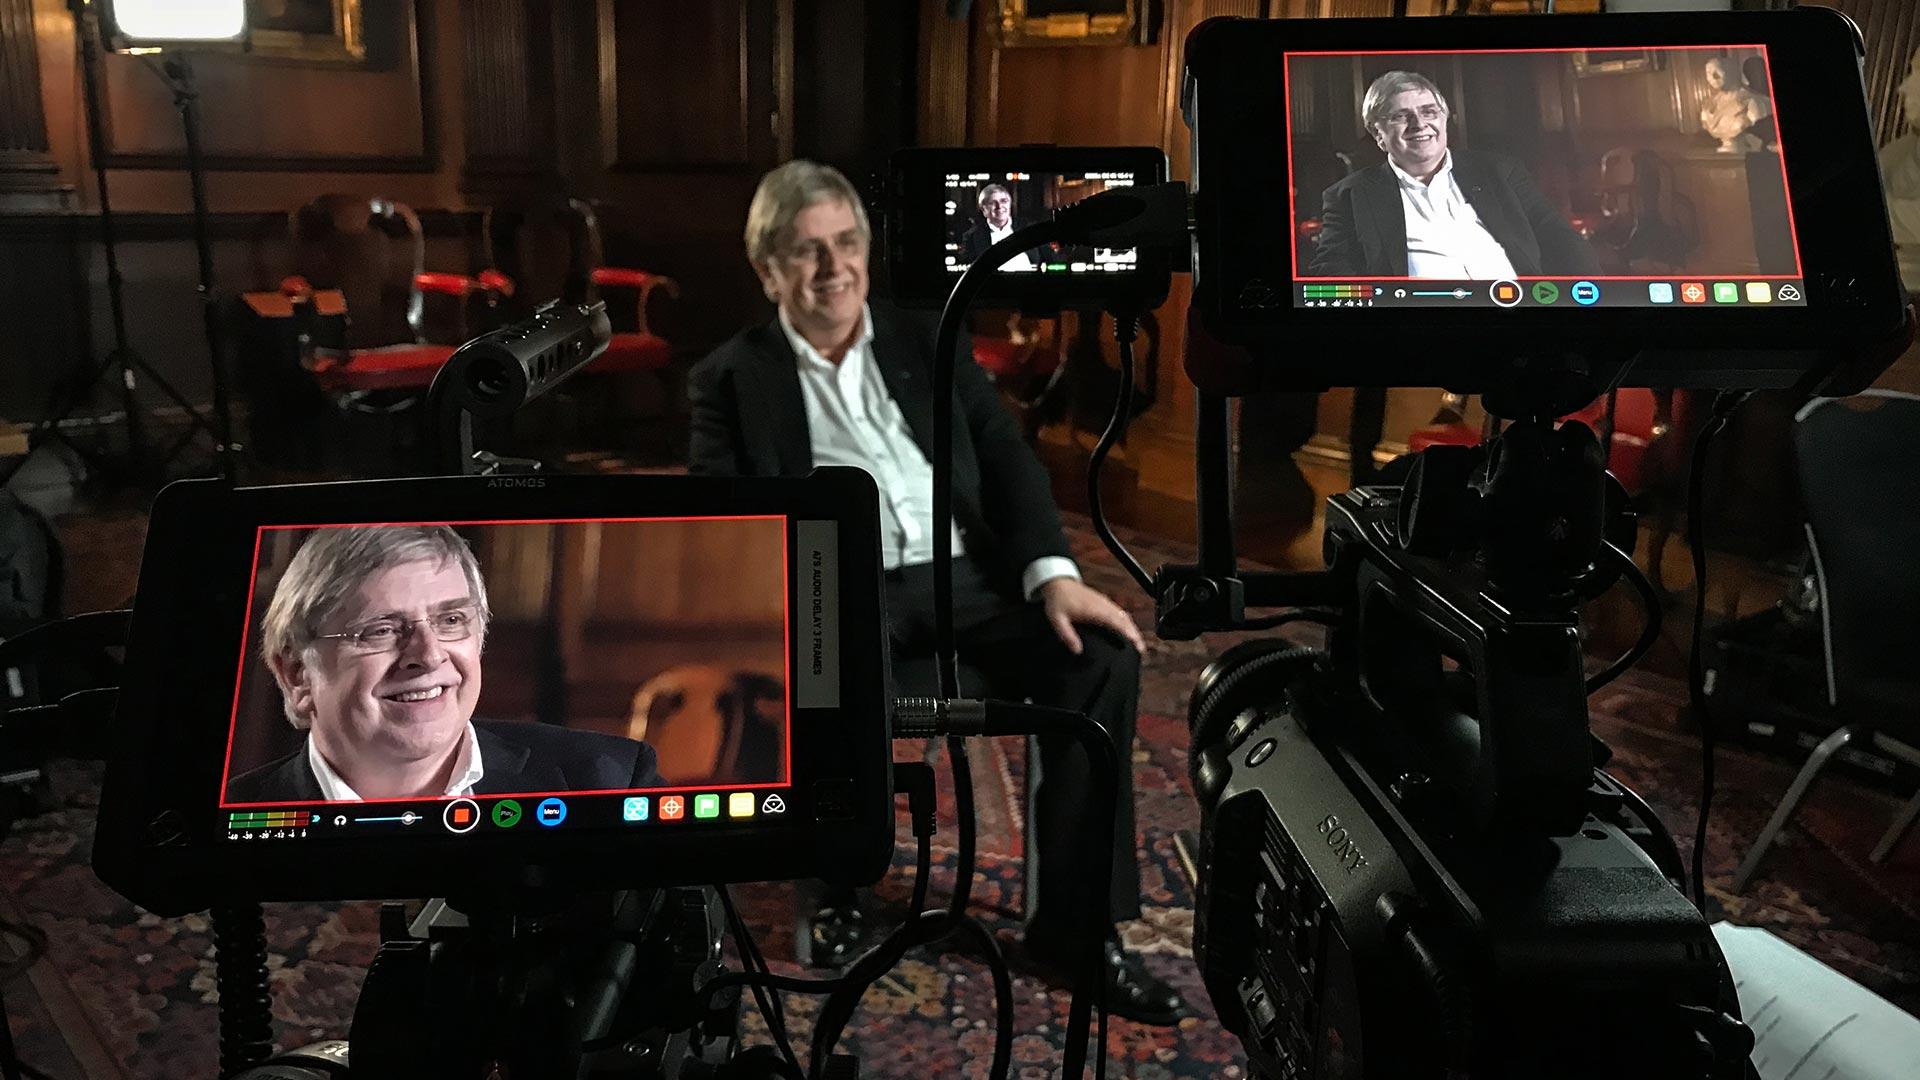 نتيجة بحث الصور عن interview filming